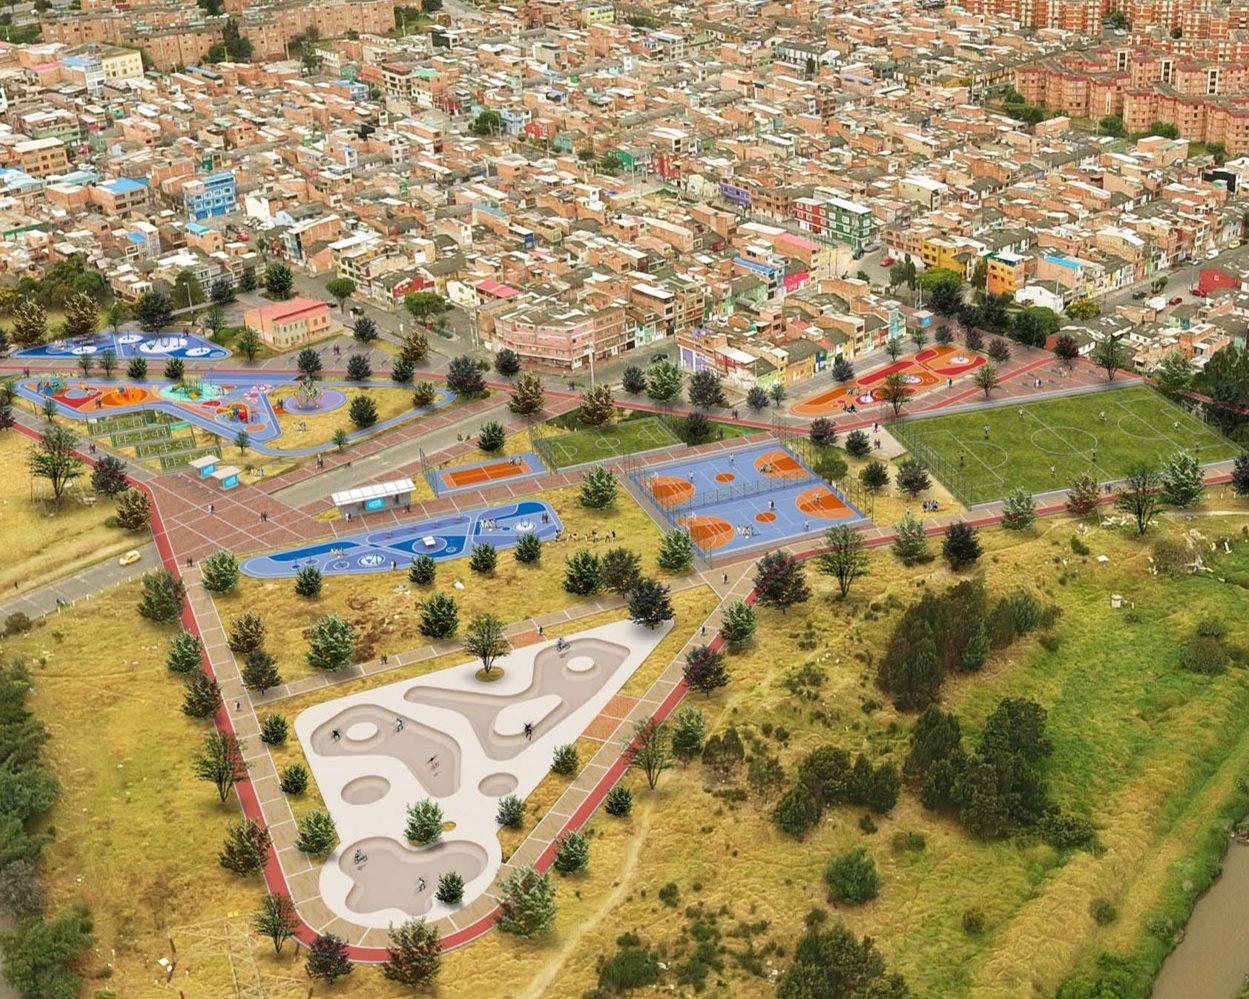 Diseño y construcción de parques recreodeportivos Bogotá- Parque La Coruña